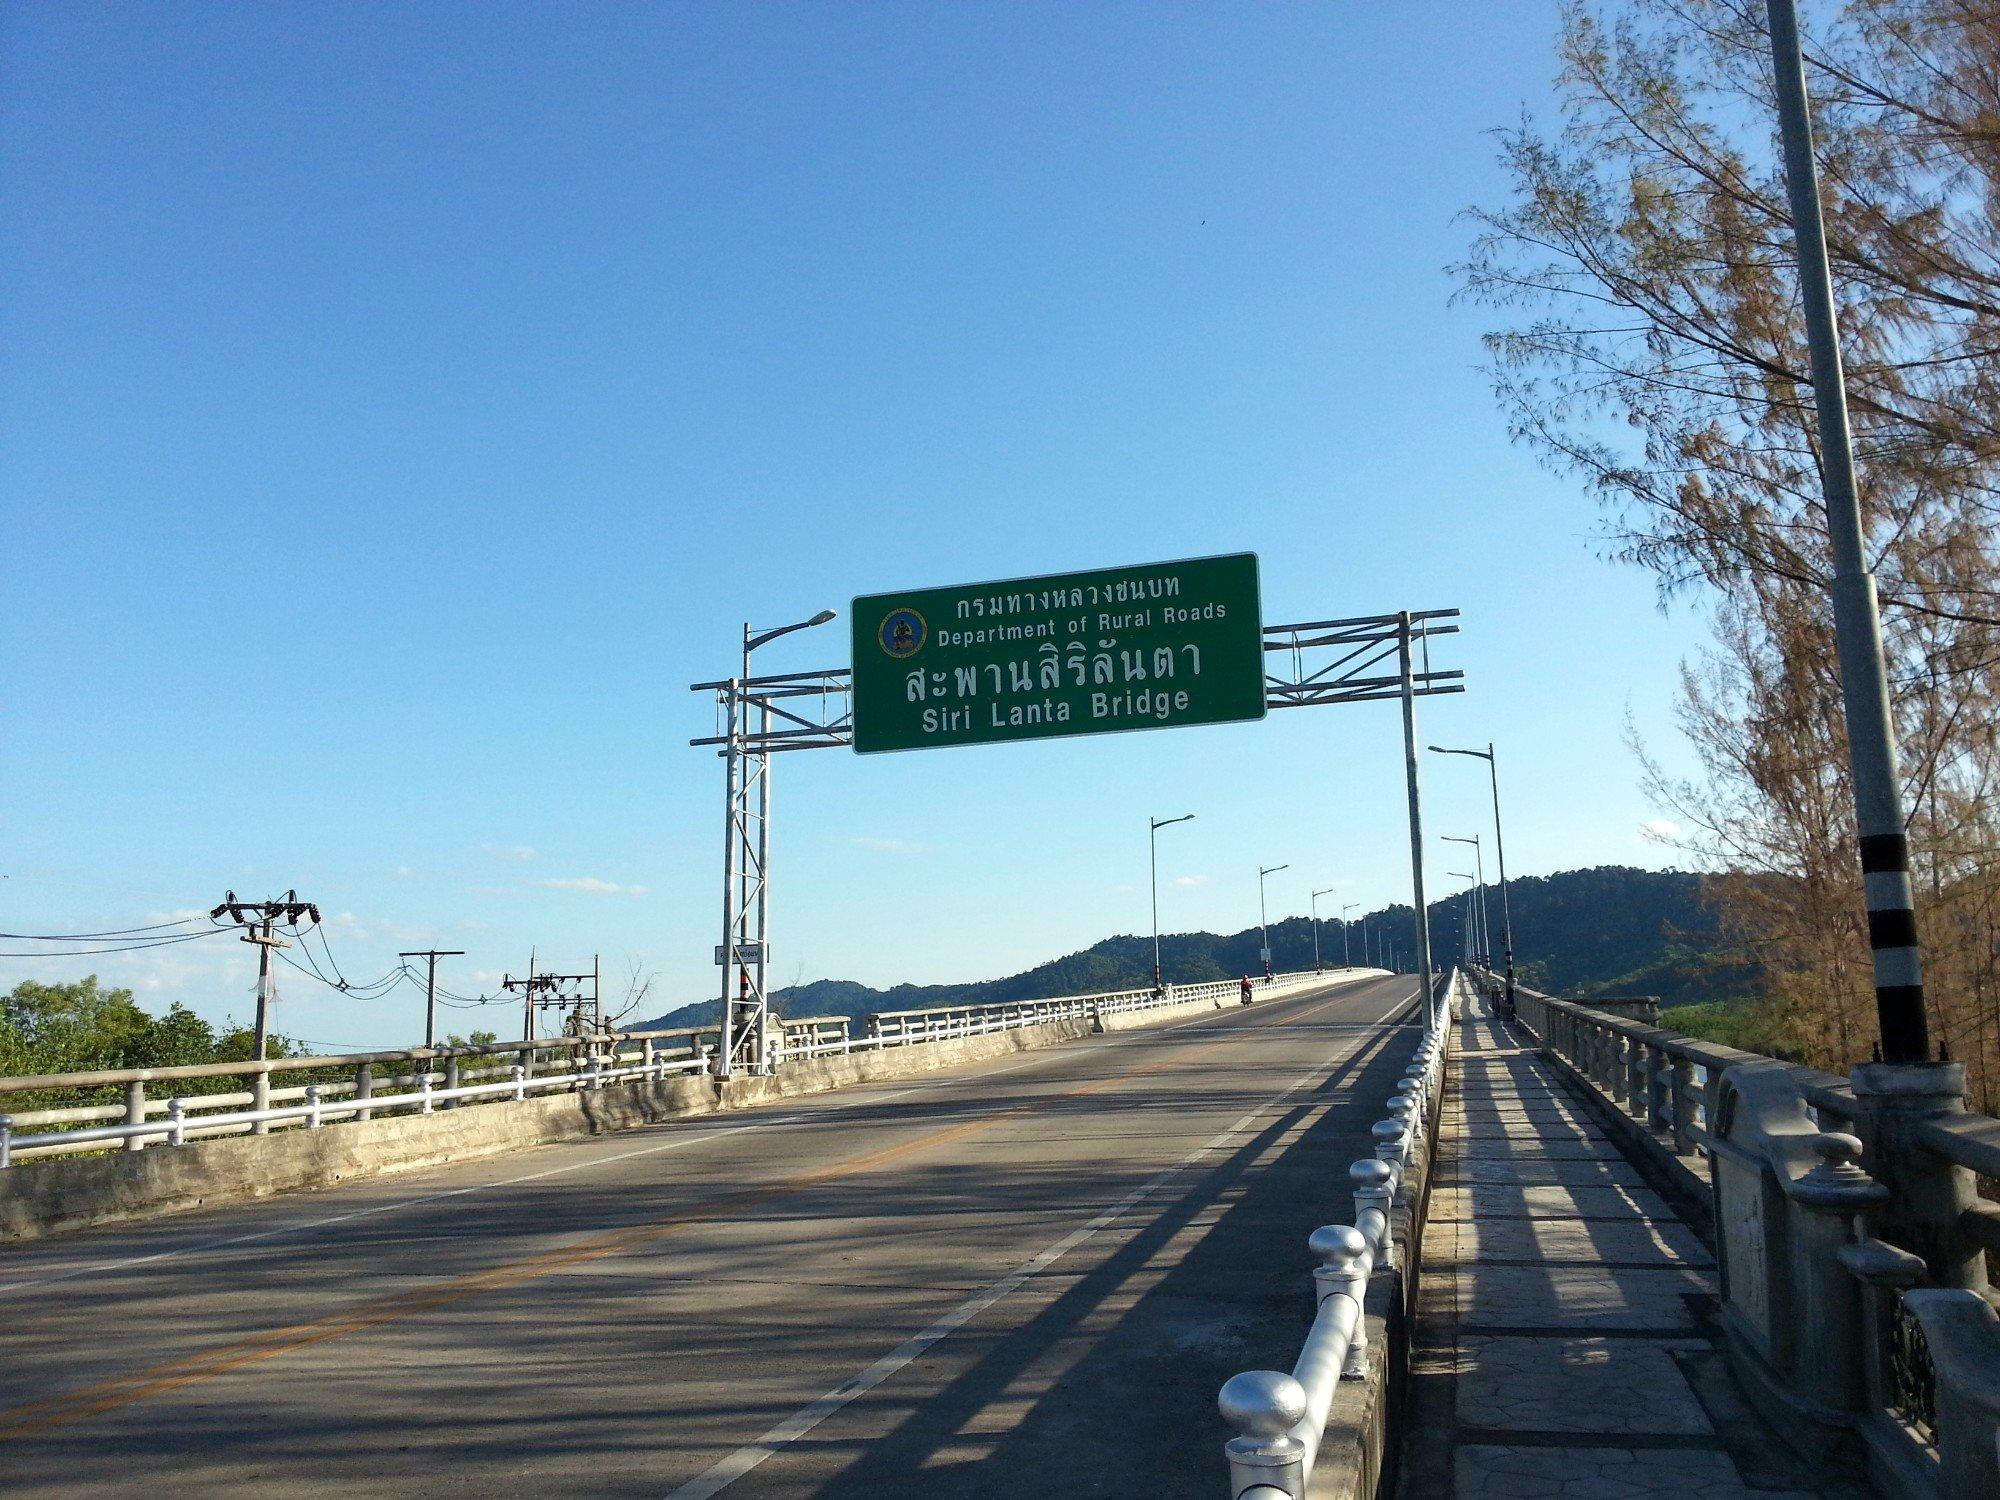 Siri Lanta Bridge in Koh Lanta